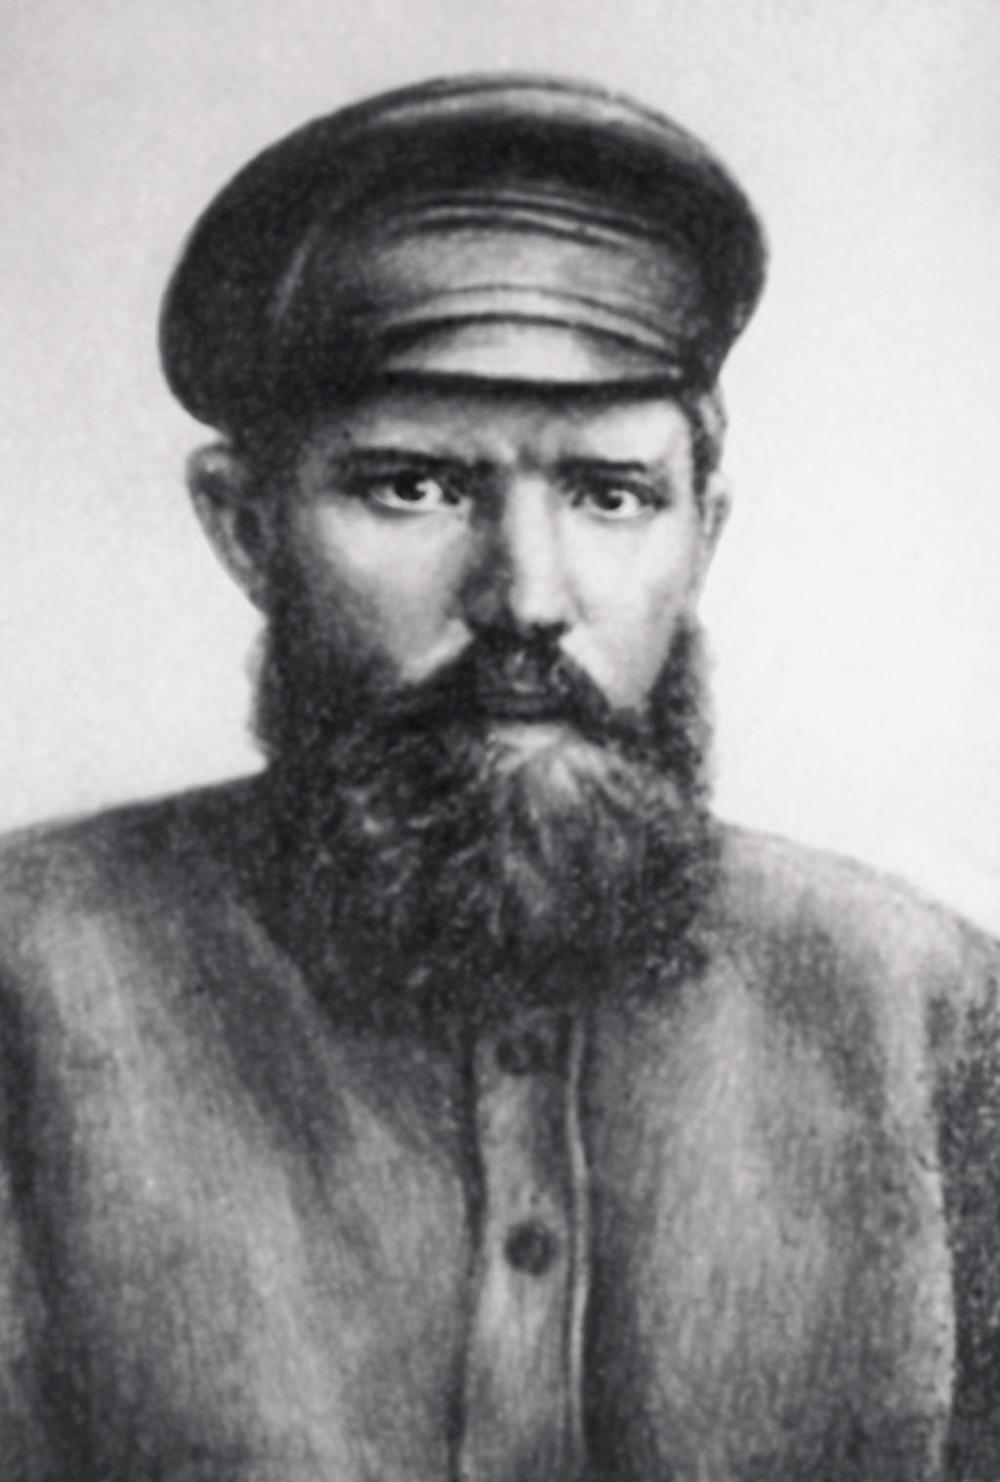 Первый председатель УралгубЧК, легендарный «экспроприатор» Михаил Ефремов.